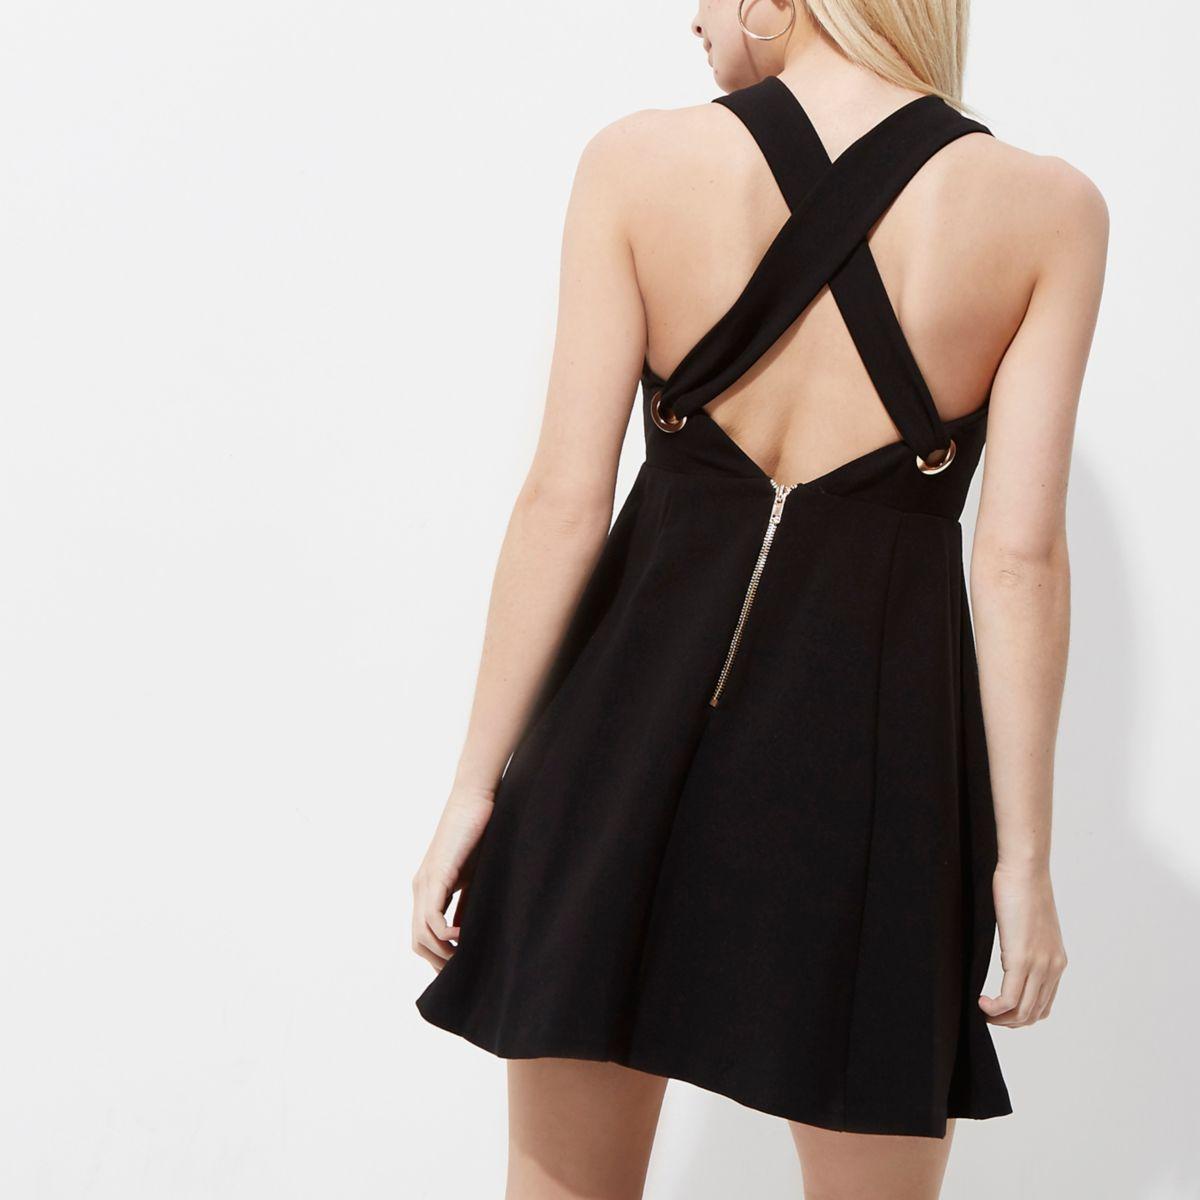 Petite black cross back skater dress